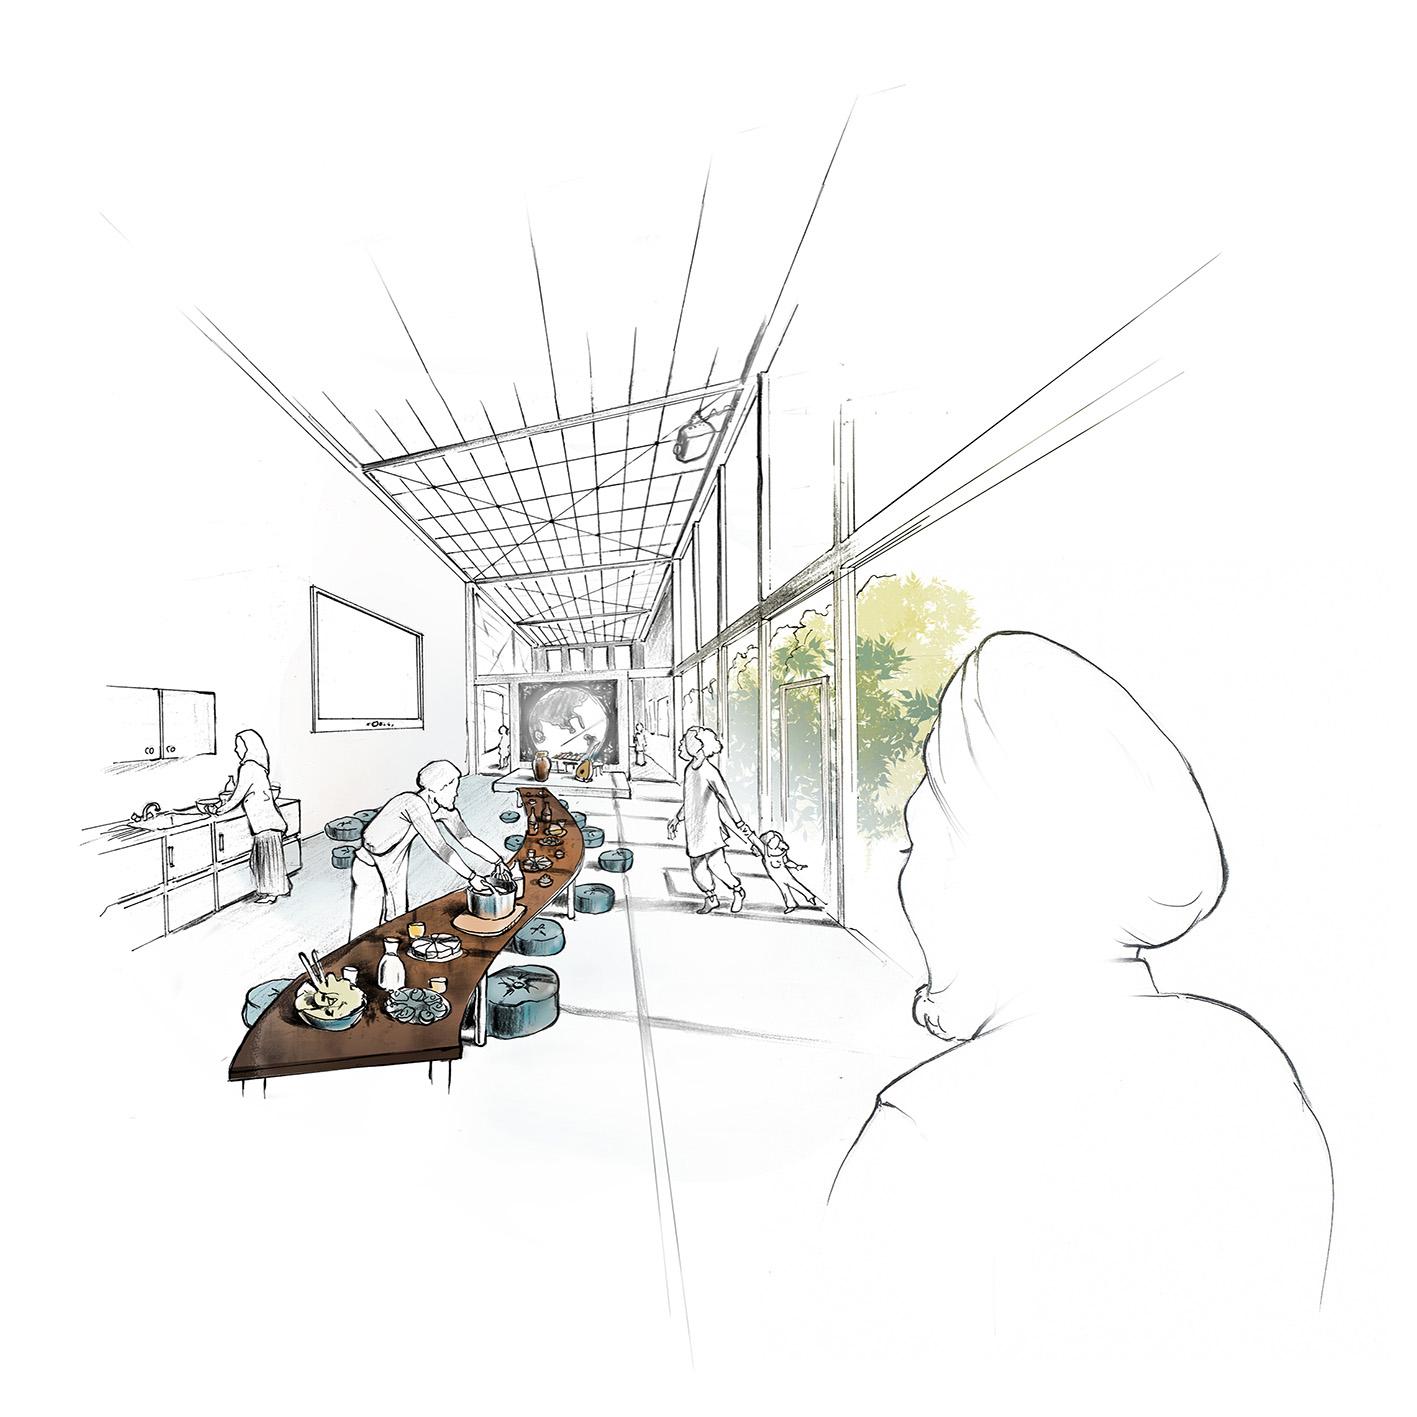 Illustration-Gemeinschaftsraum-Kulturort-Nachbarschaftstreff-Austausch